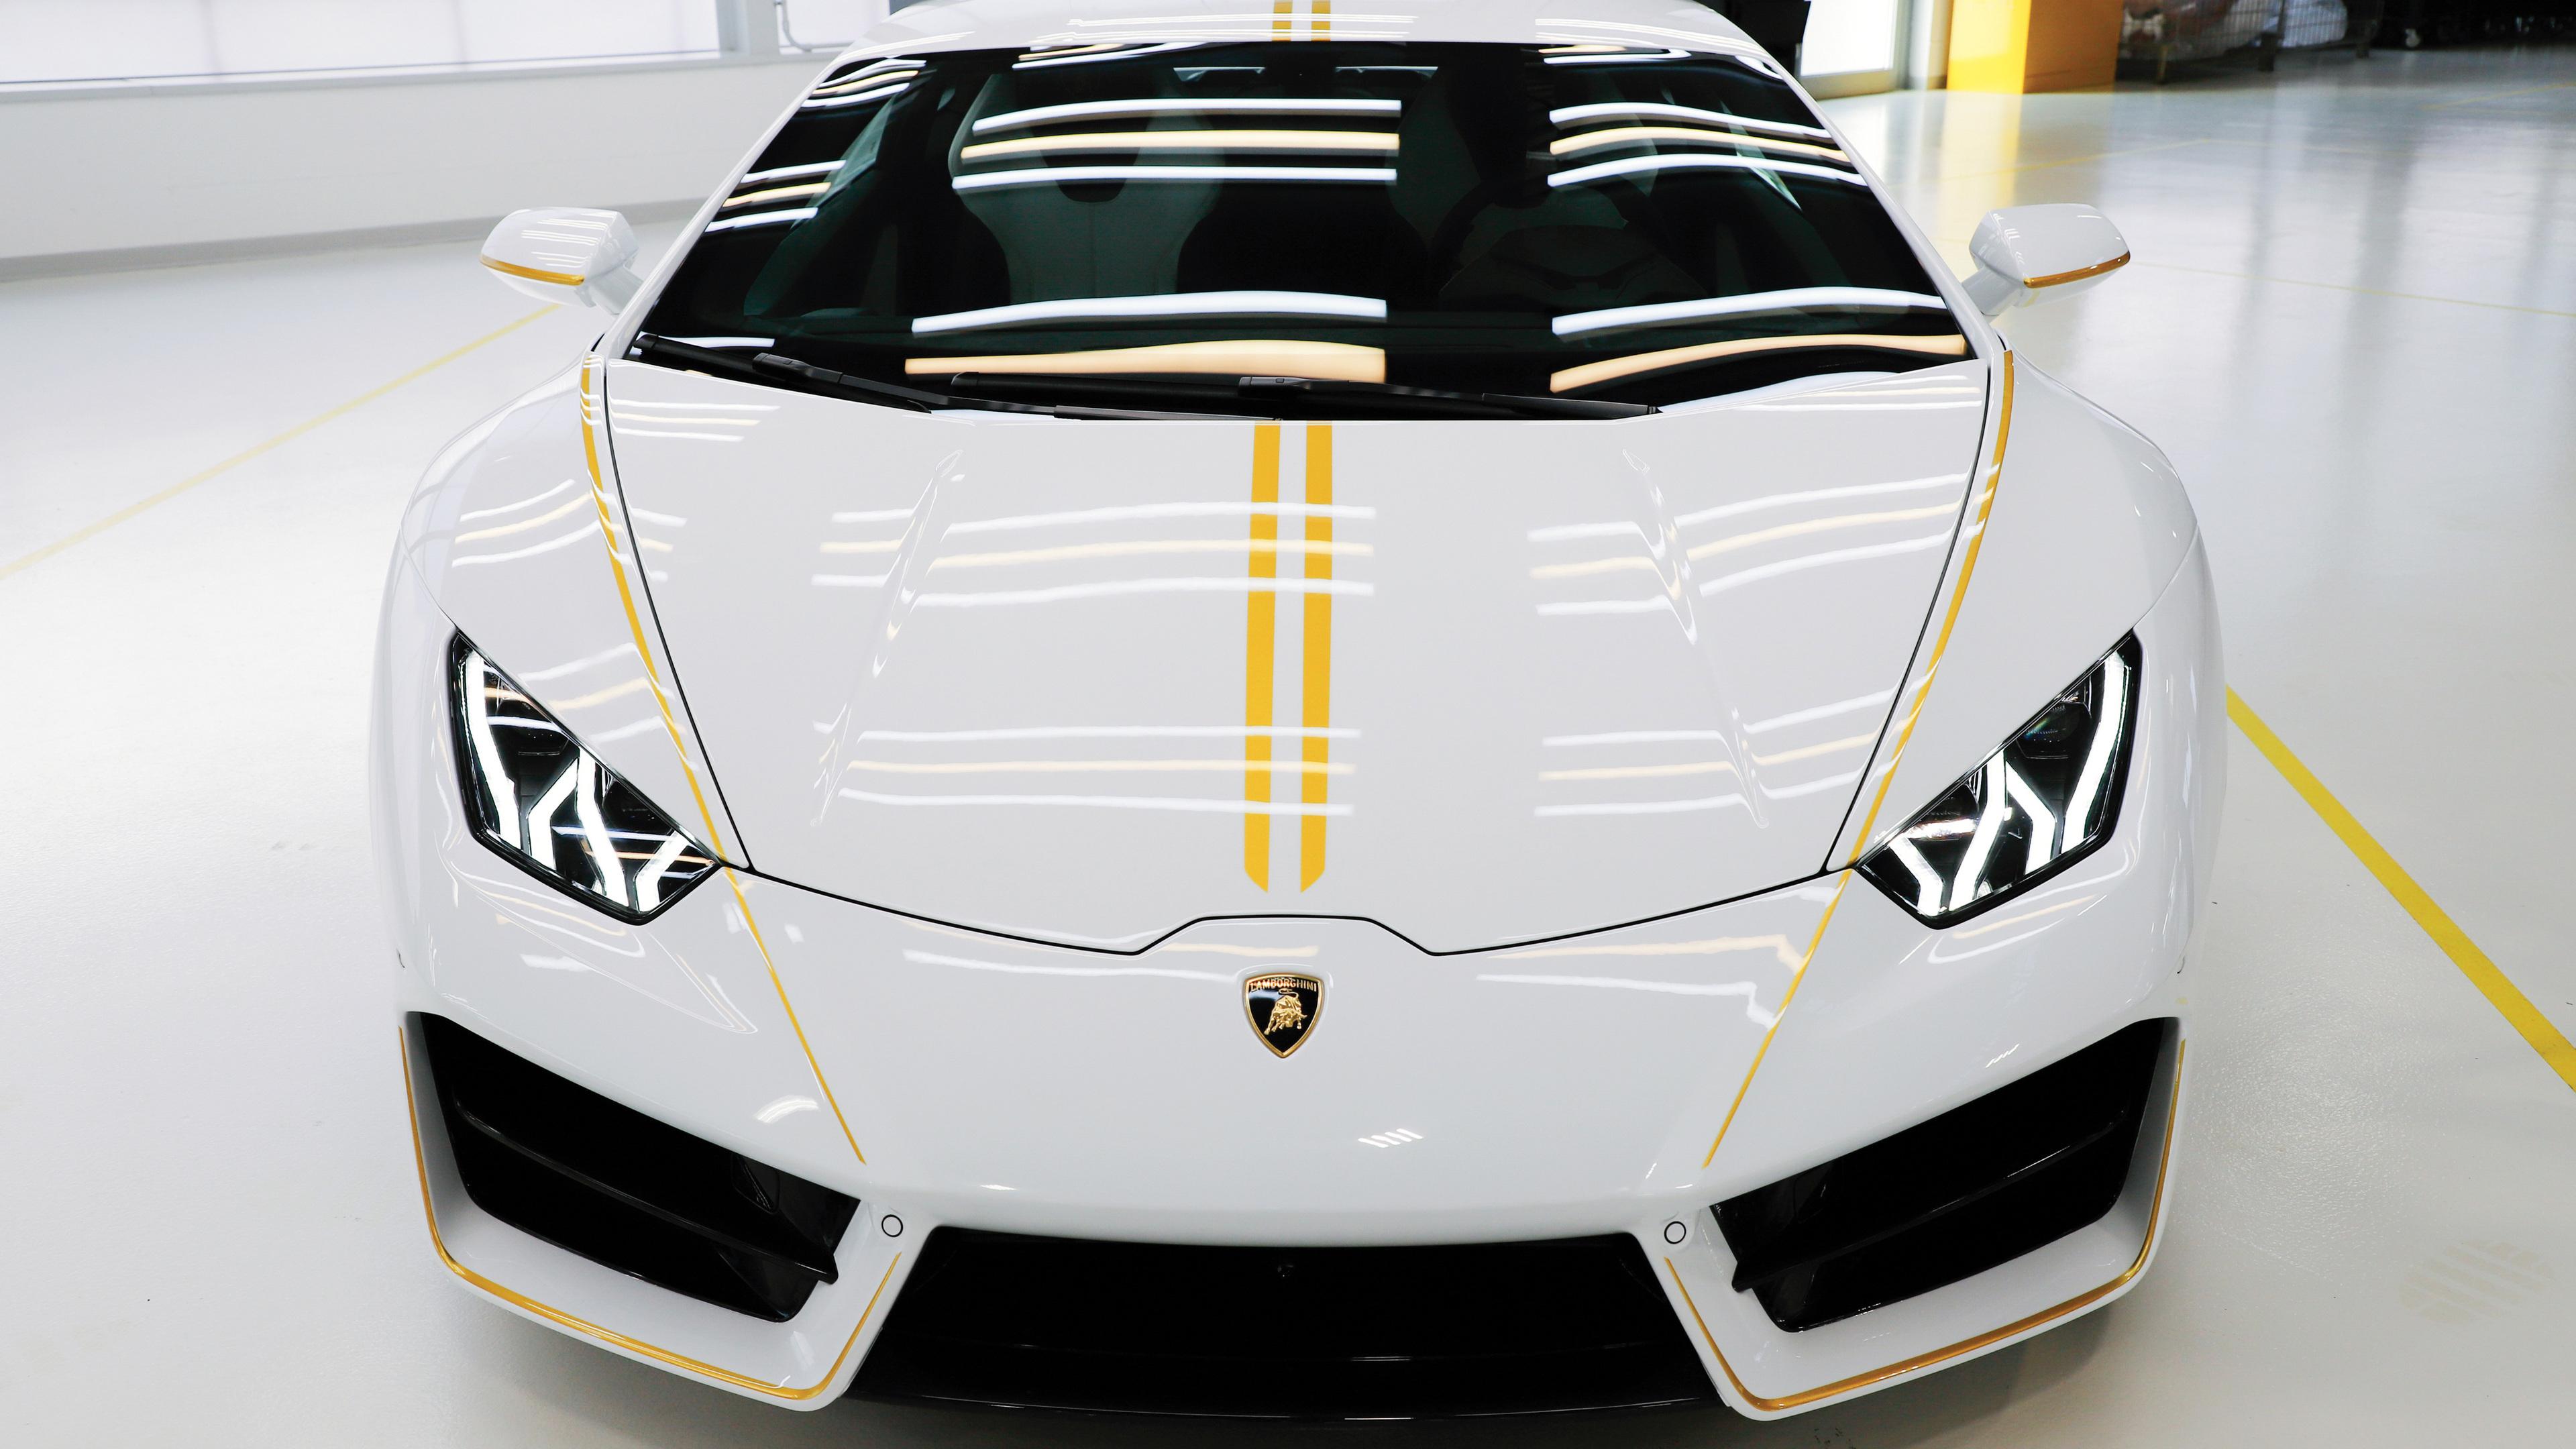 lamborghini huracan rwd ad personam 4k 1539109344 - Lamborghini Huracan RWD Ad Personam 4k - lamborghini wallpapers, lamborghini huracan wallpapers, hd-wallpapers, cars wallpapers, 4k-wallpapers